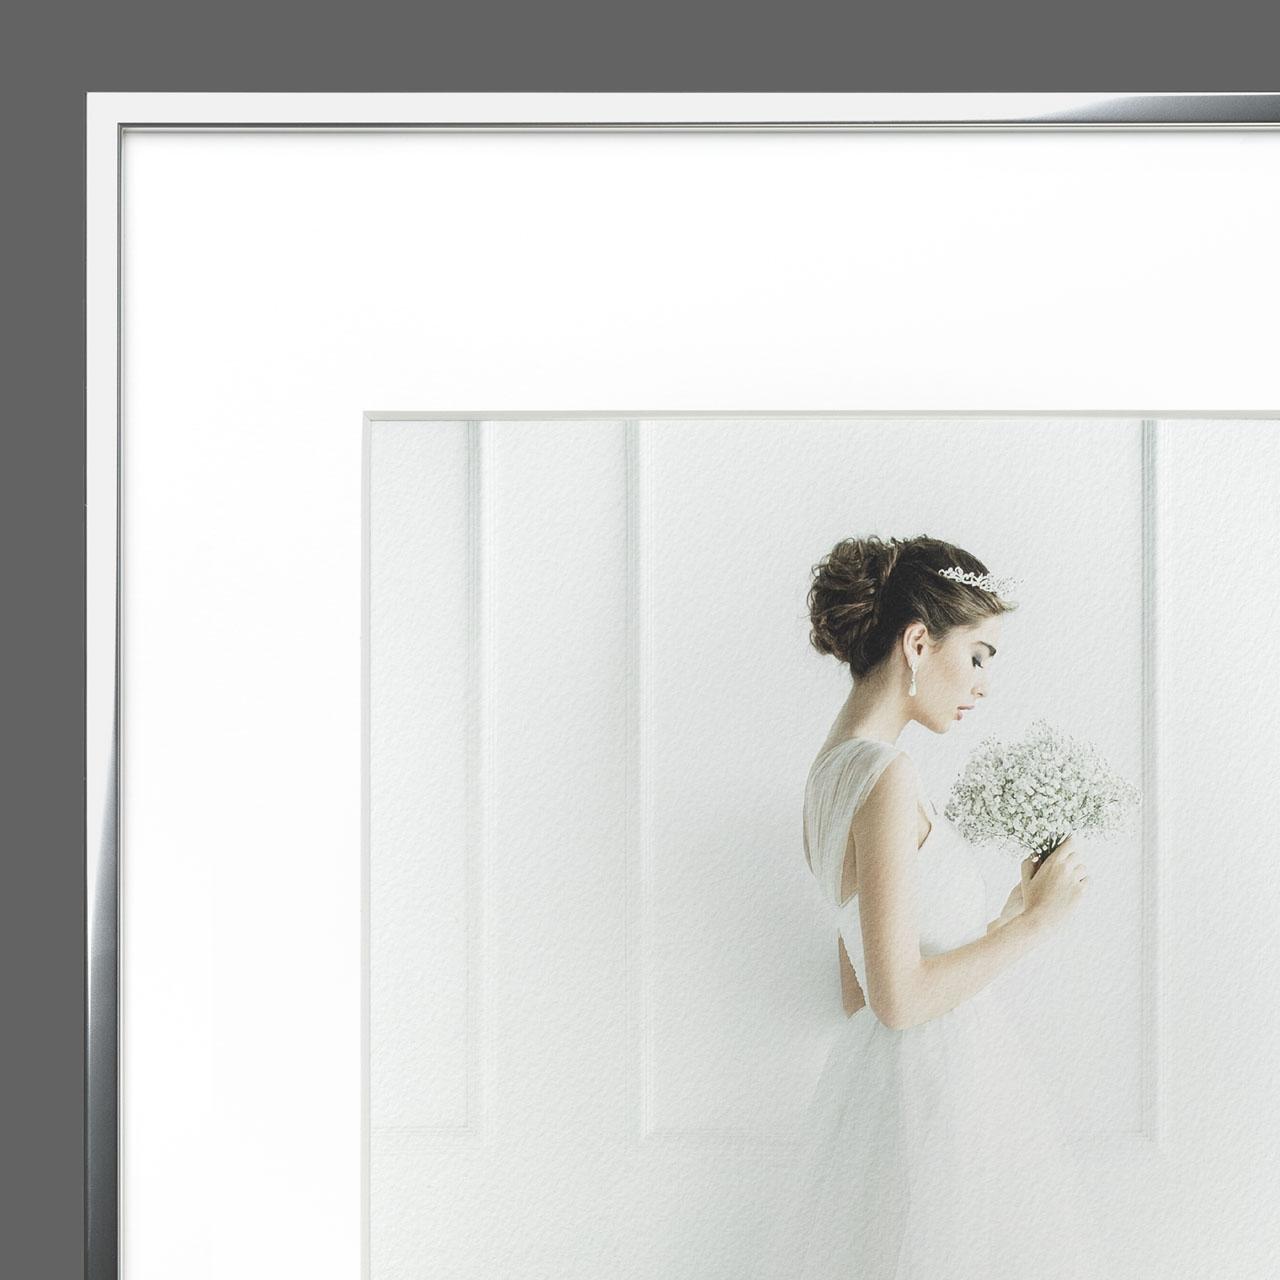 Hochzeitsfotos im Bilderrahmen stilvoll einrahmen - Hochzeitsrahmen ...